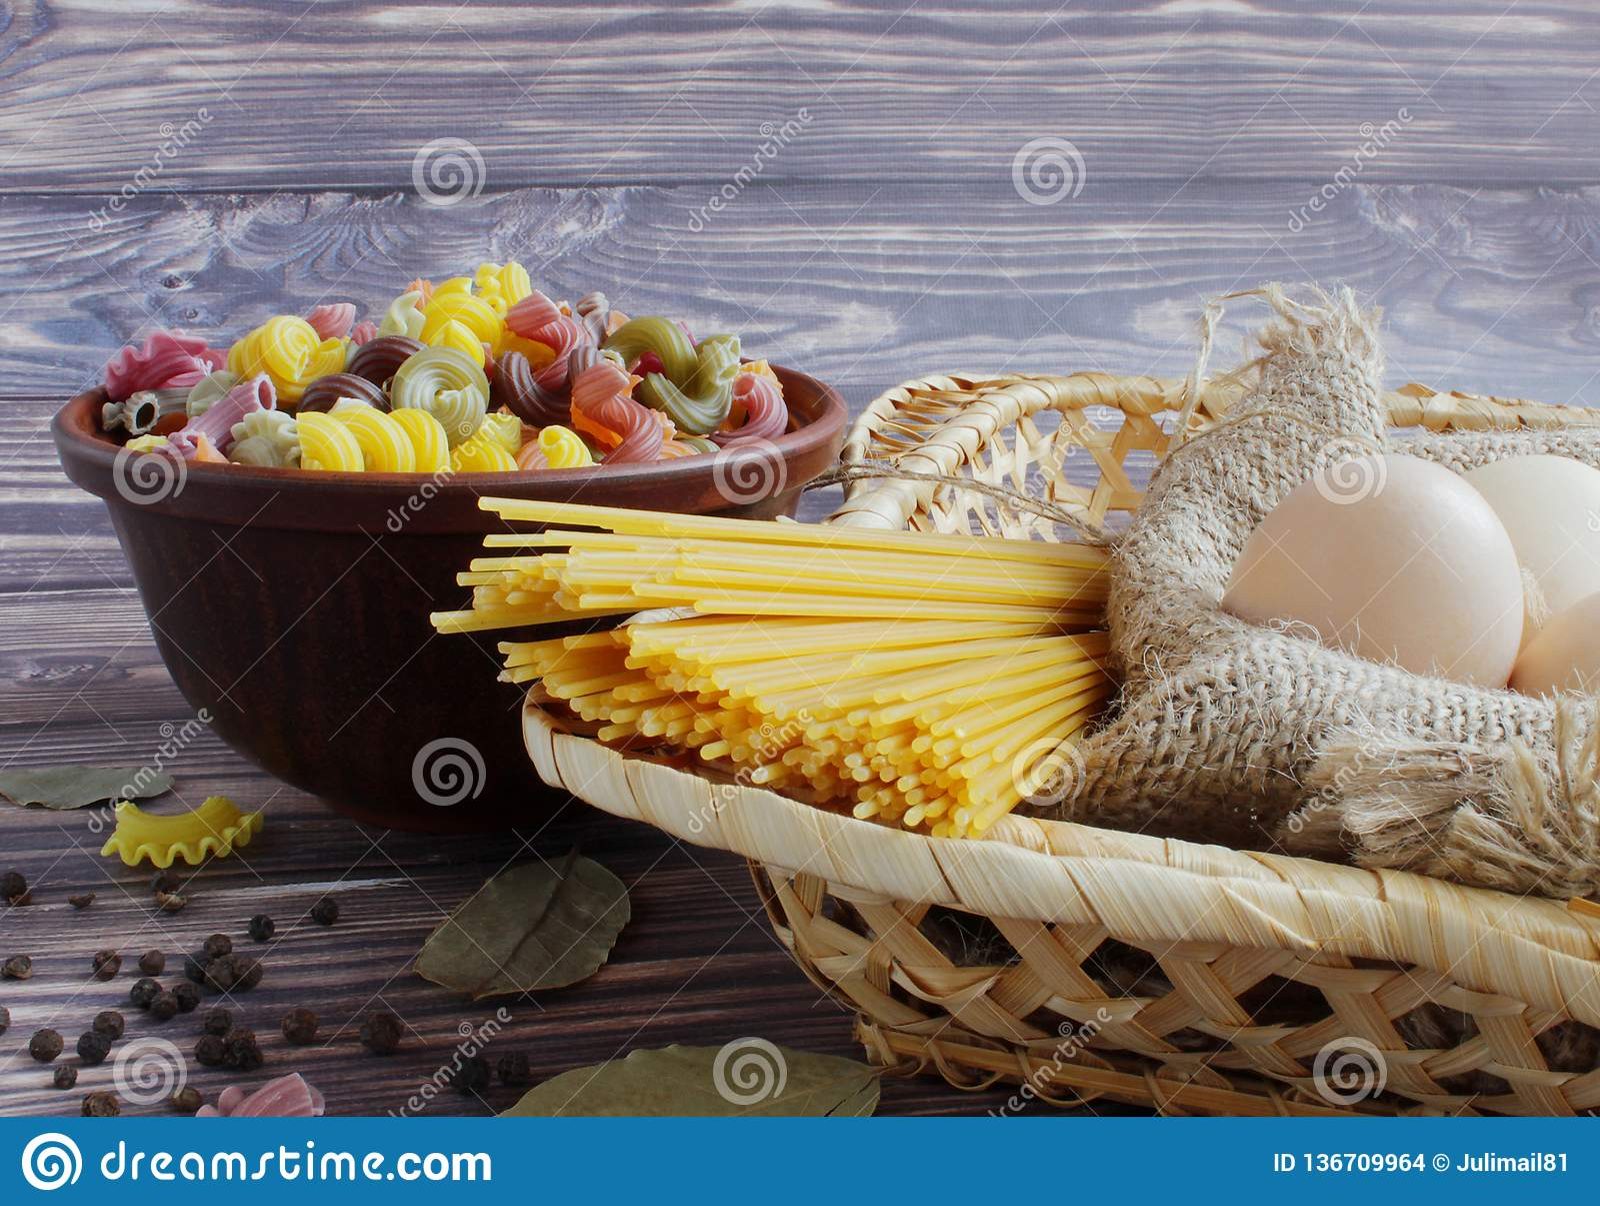 Deegwaren van verschillende kleuren, spaghetti, drie eieren, zwarte peper en laurierblad op een donkere achtergrond en een bamboe